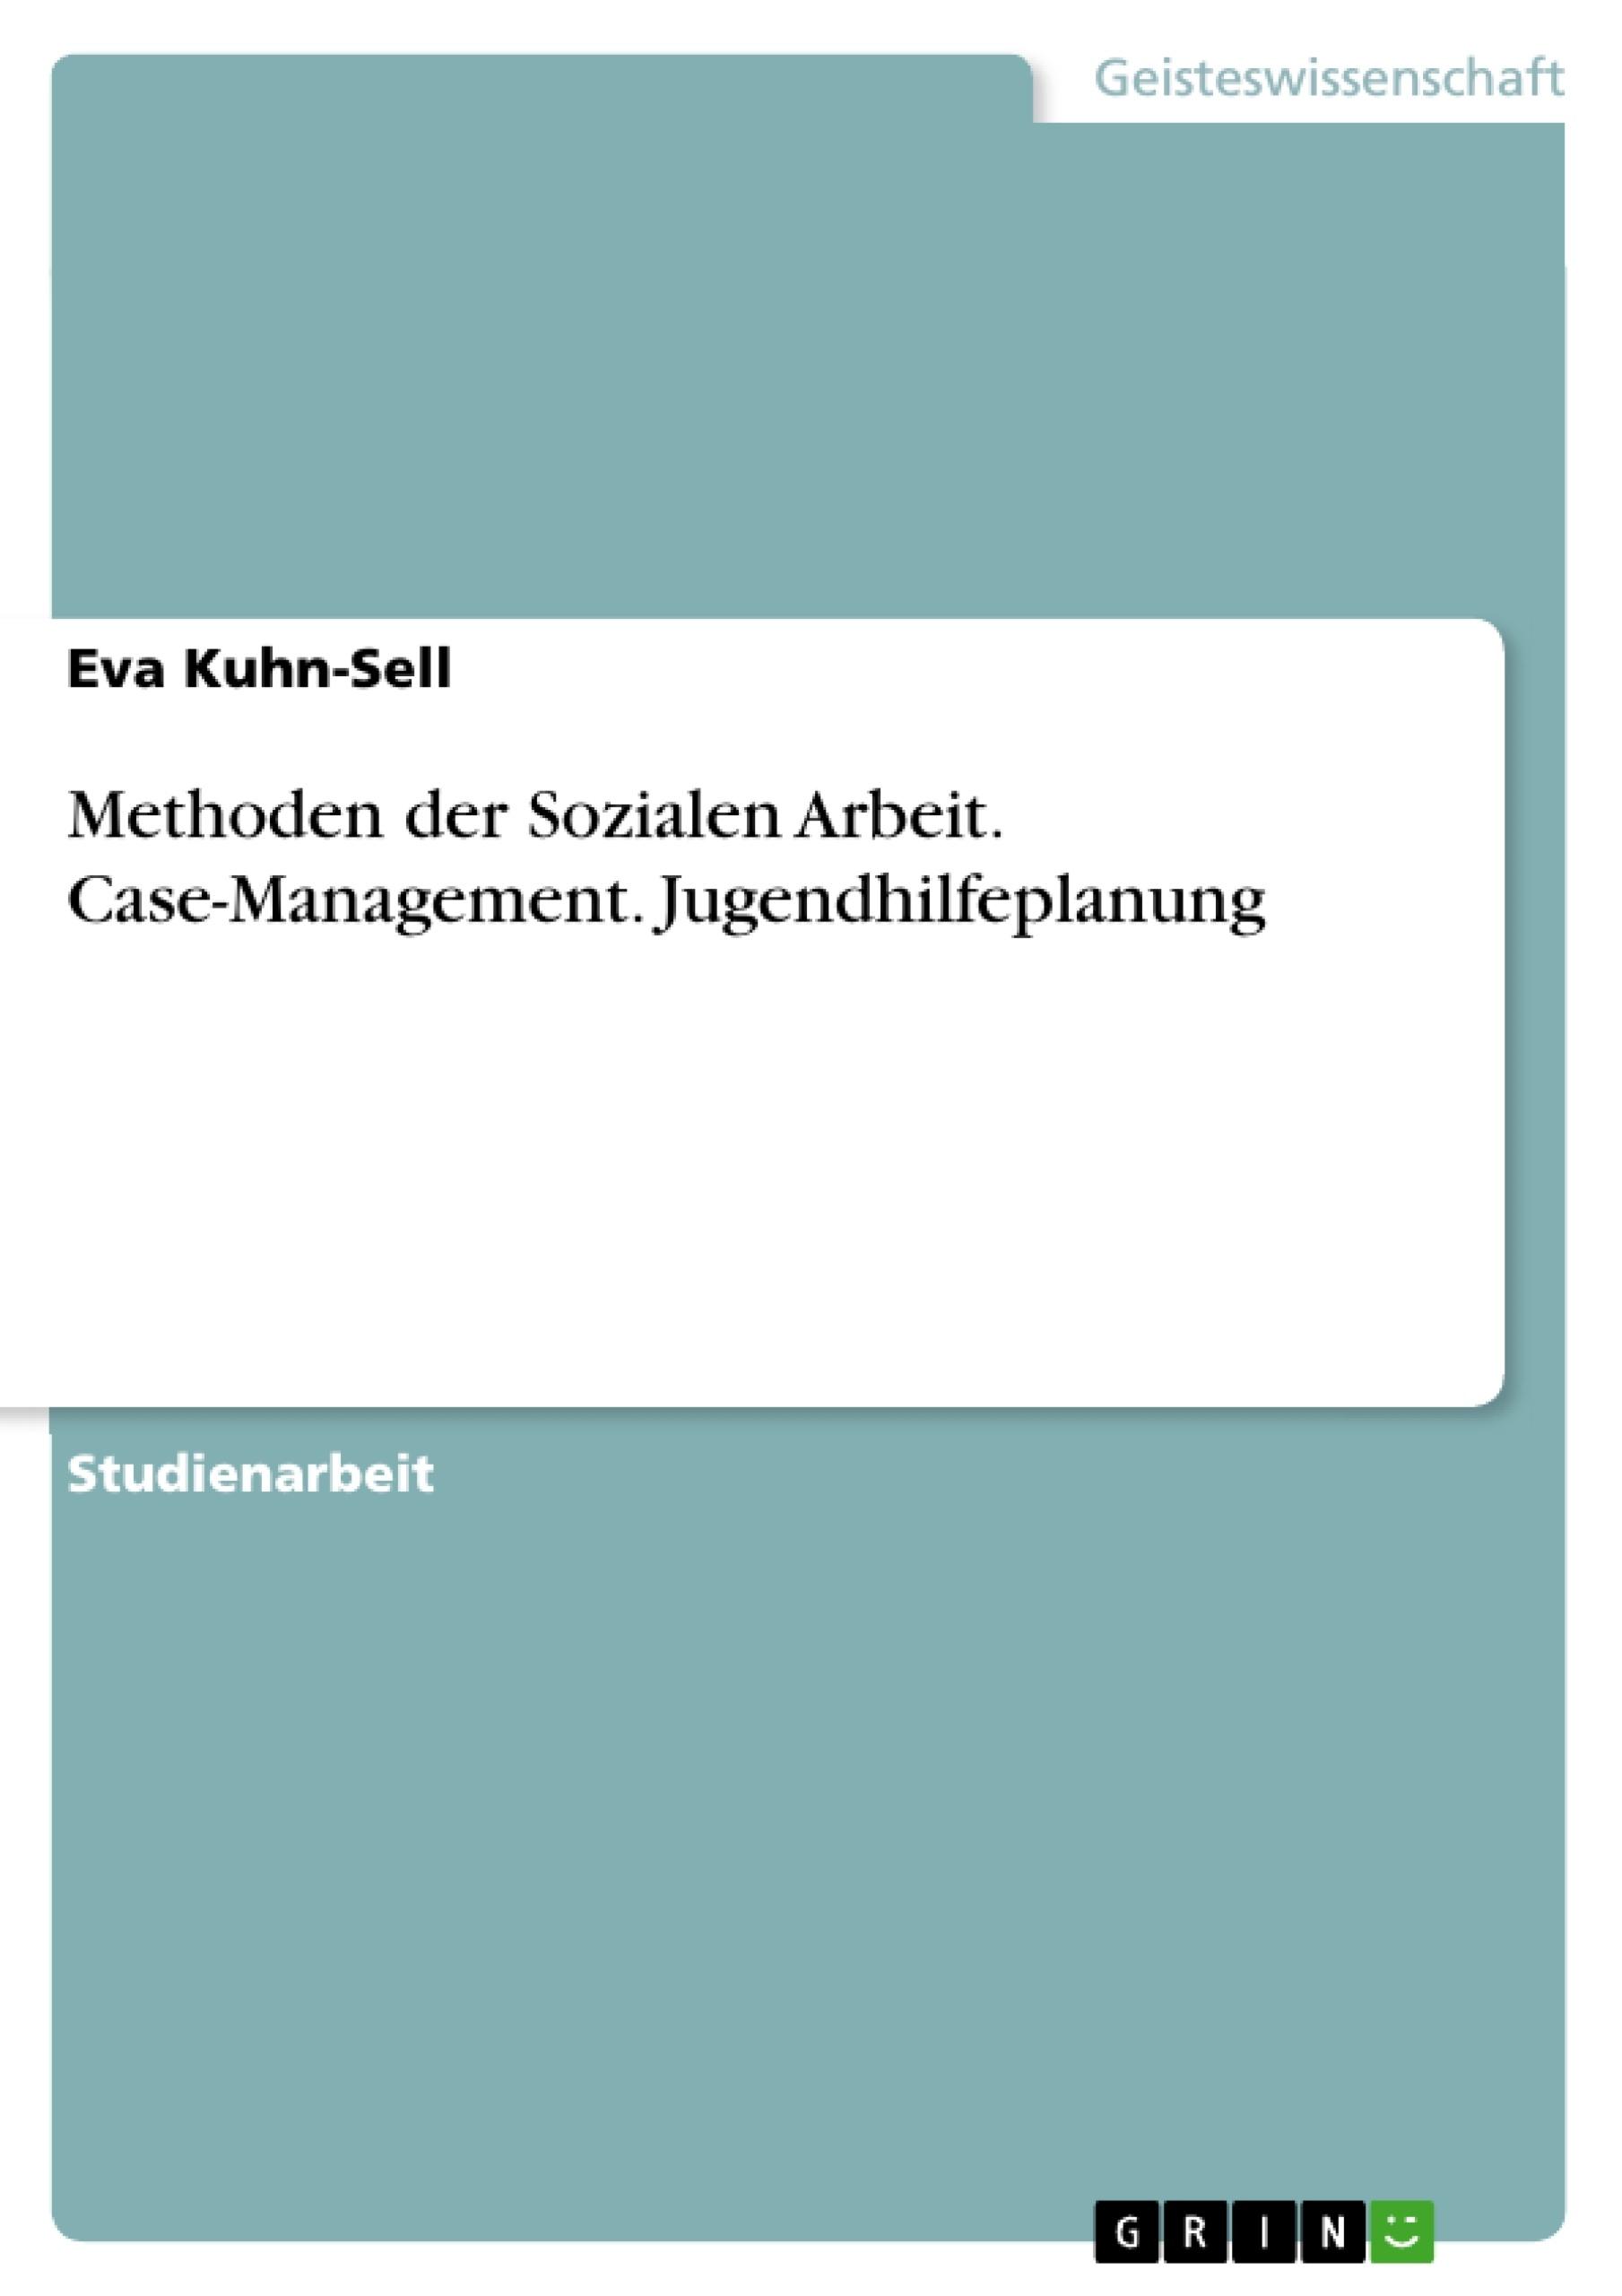 Titel: Methoden der Sozialen Arbeit. Case-Management. Jugendhilfeplanung